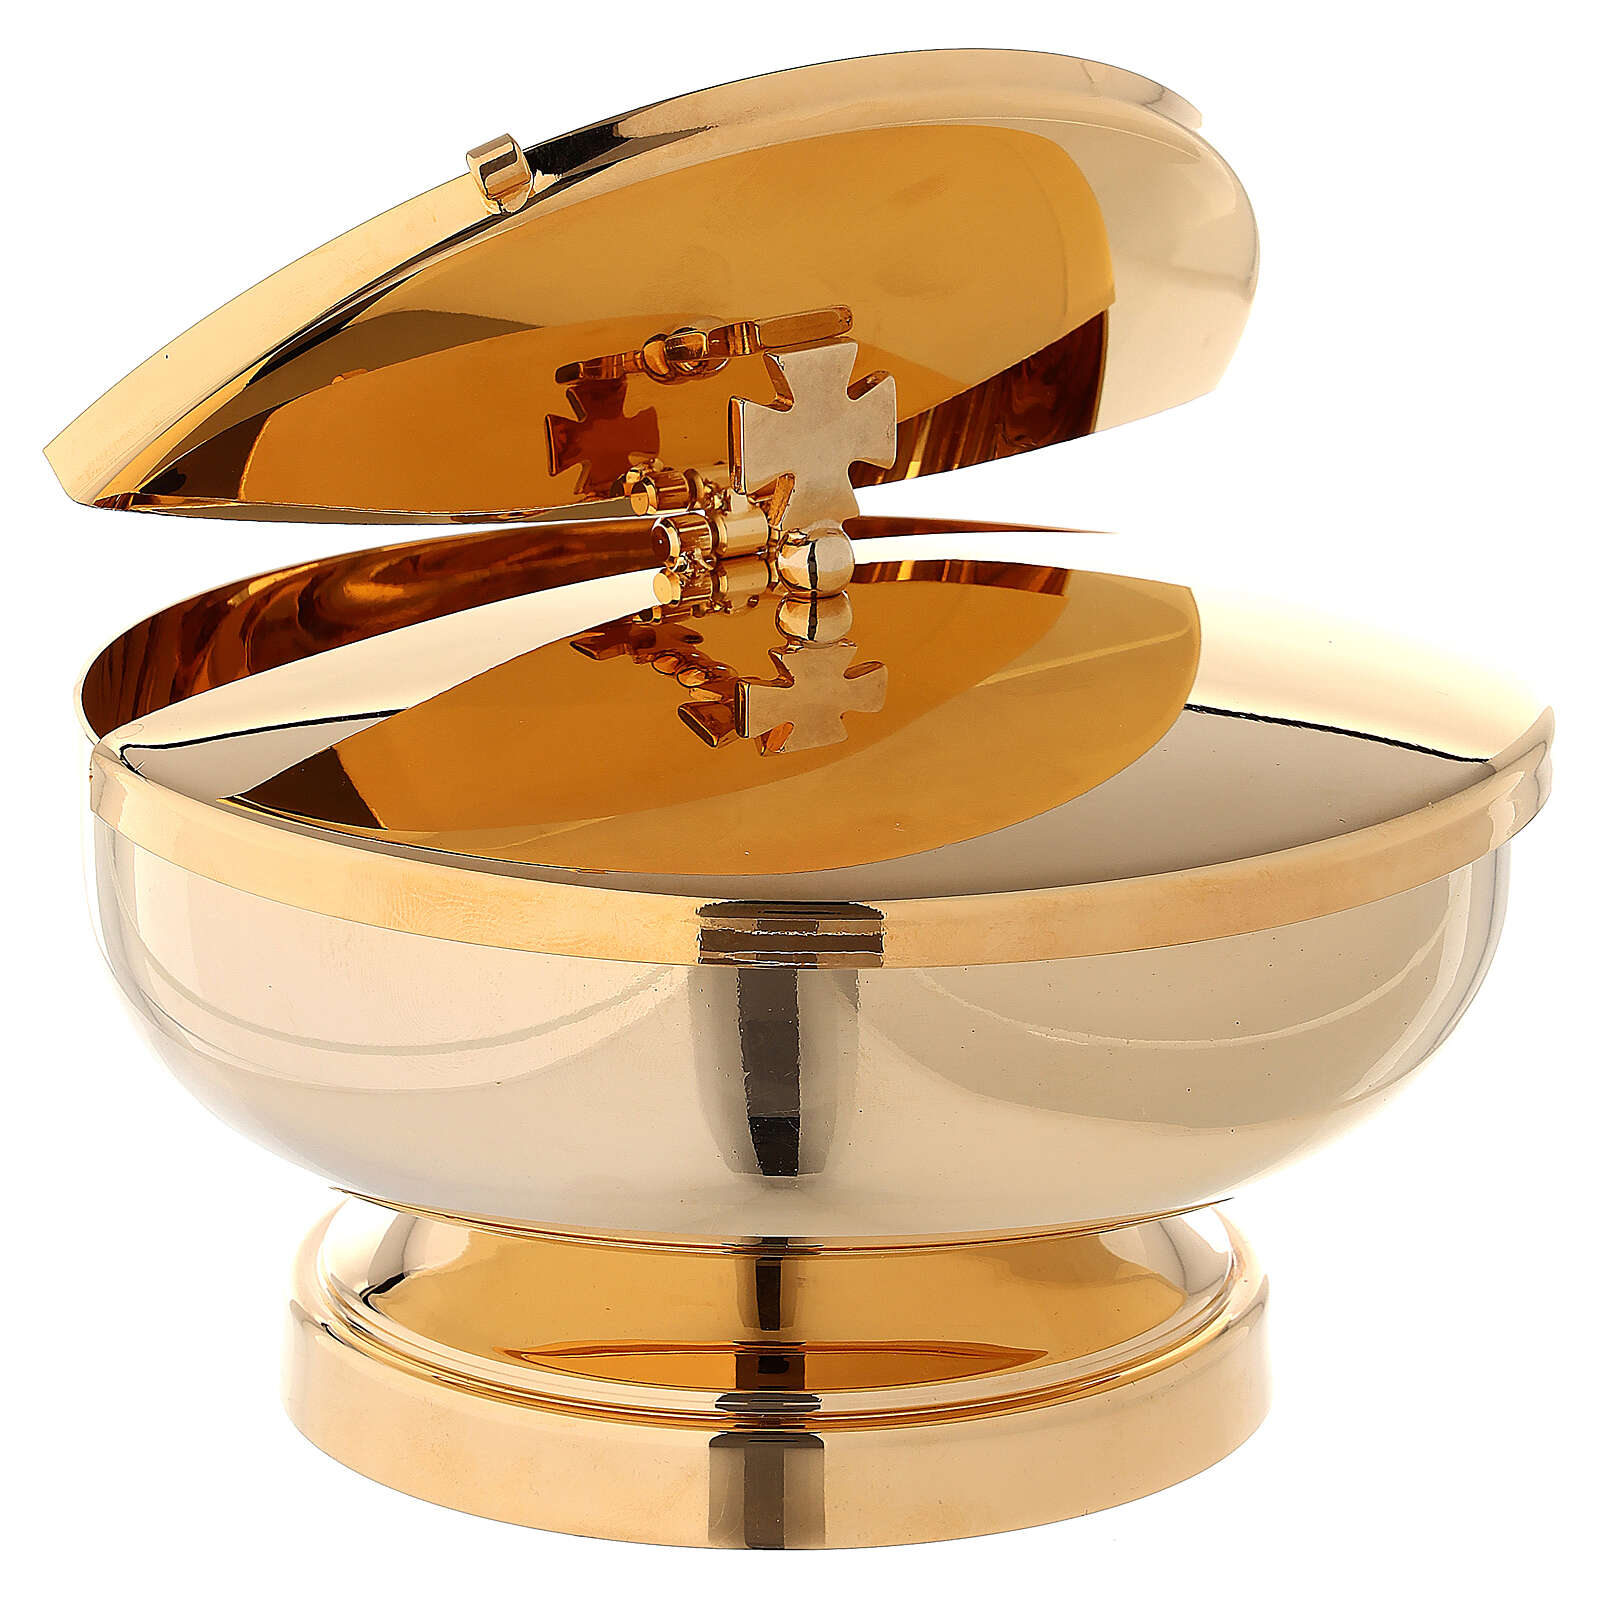 Píxide latão dourado 24K com tampa diâmetro 14 cm 4